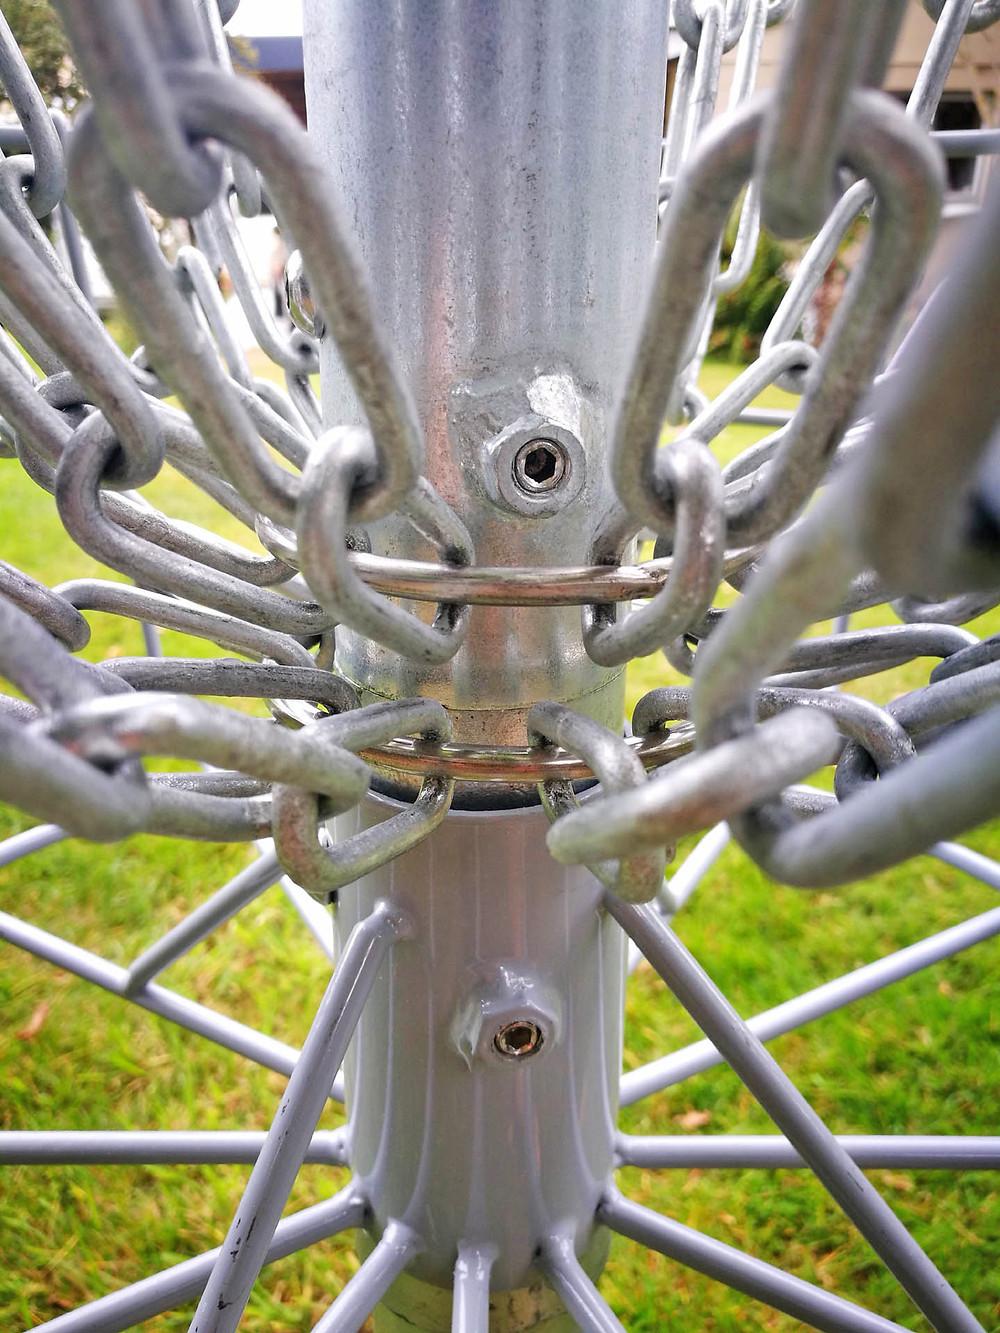 DiscMate's stainless grub screws